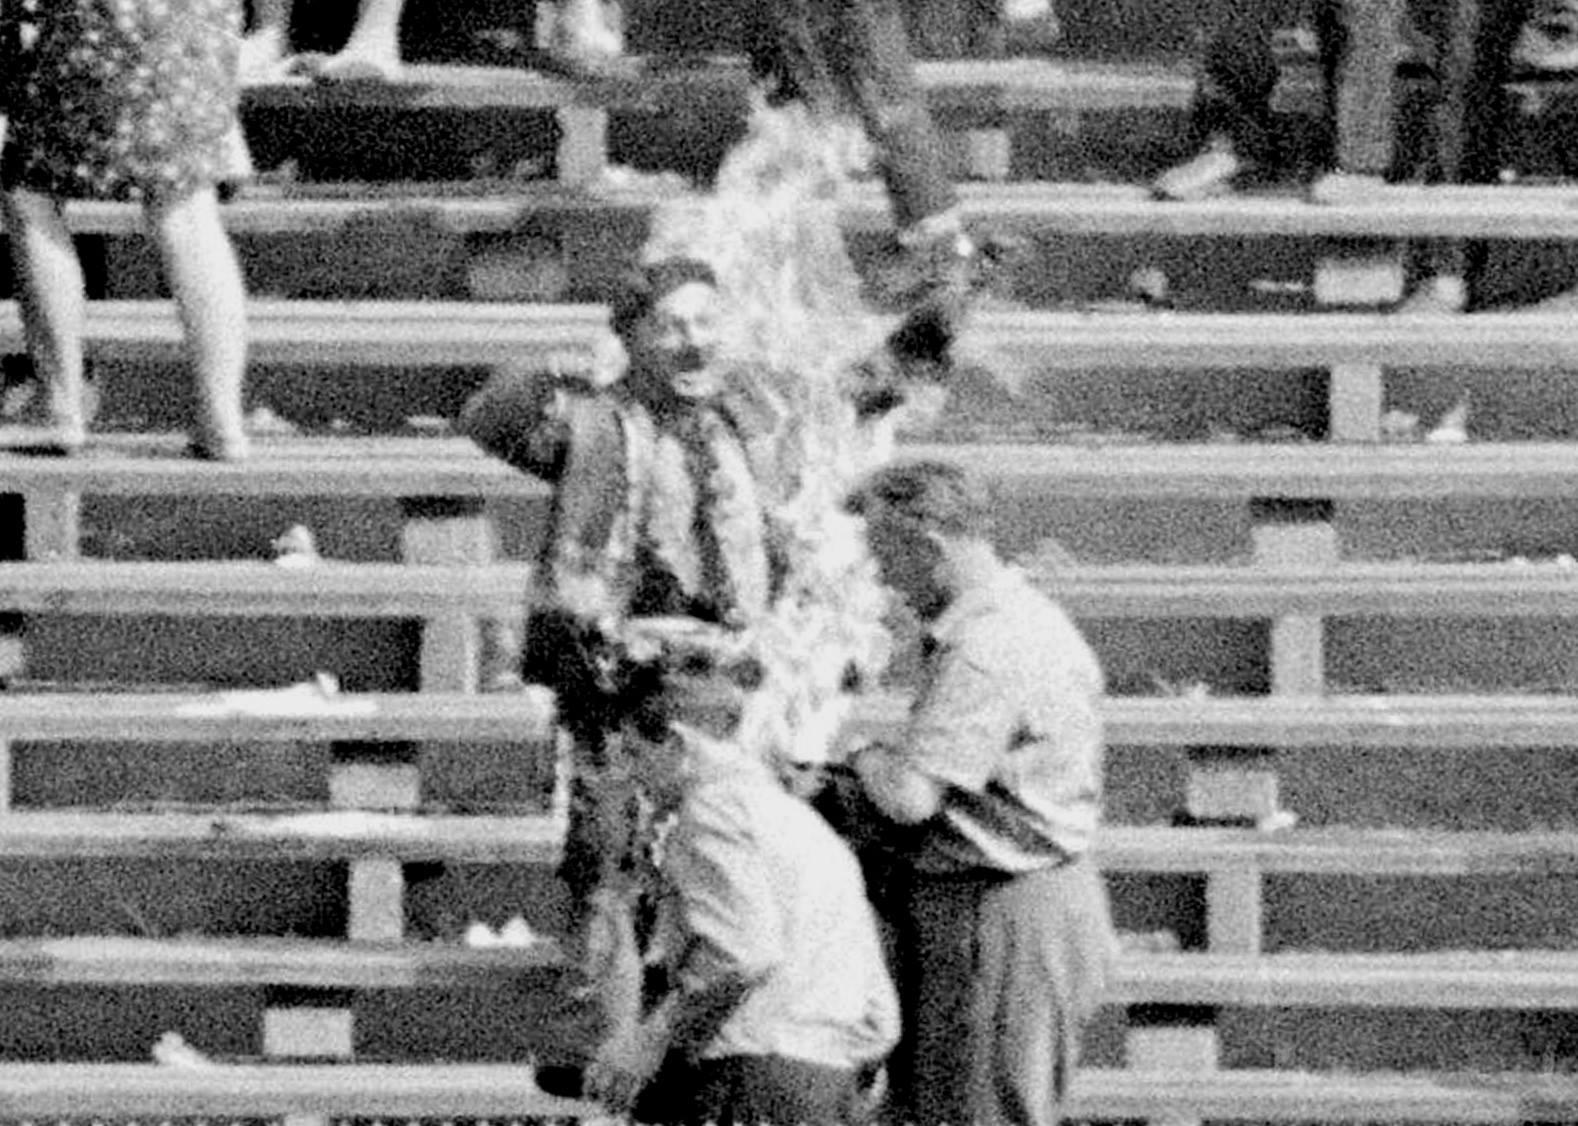 To był krzyk o wolność! 53 lata od samospalenia Ryszarda Siwca [UWAGA DRASTYCZNE NAGRANIE] - Zdjęcie główne